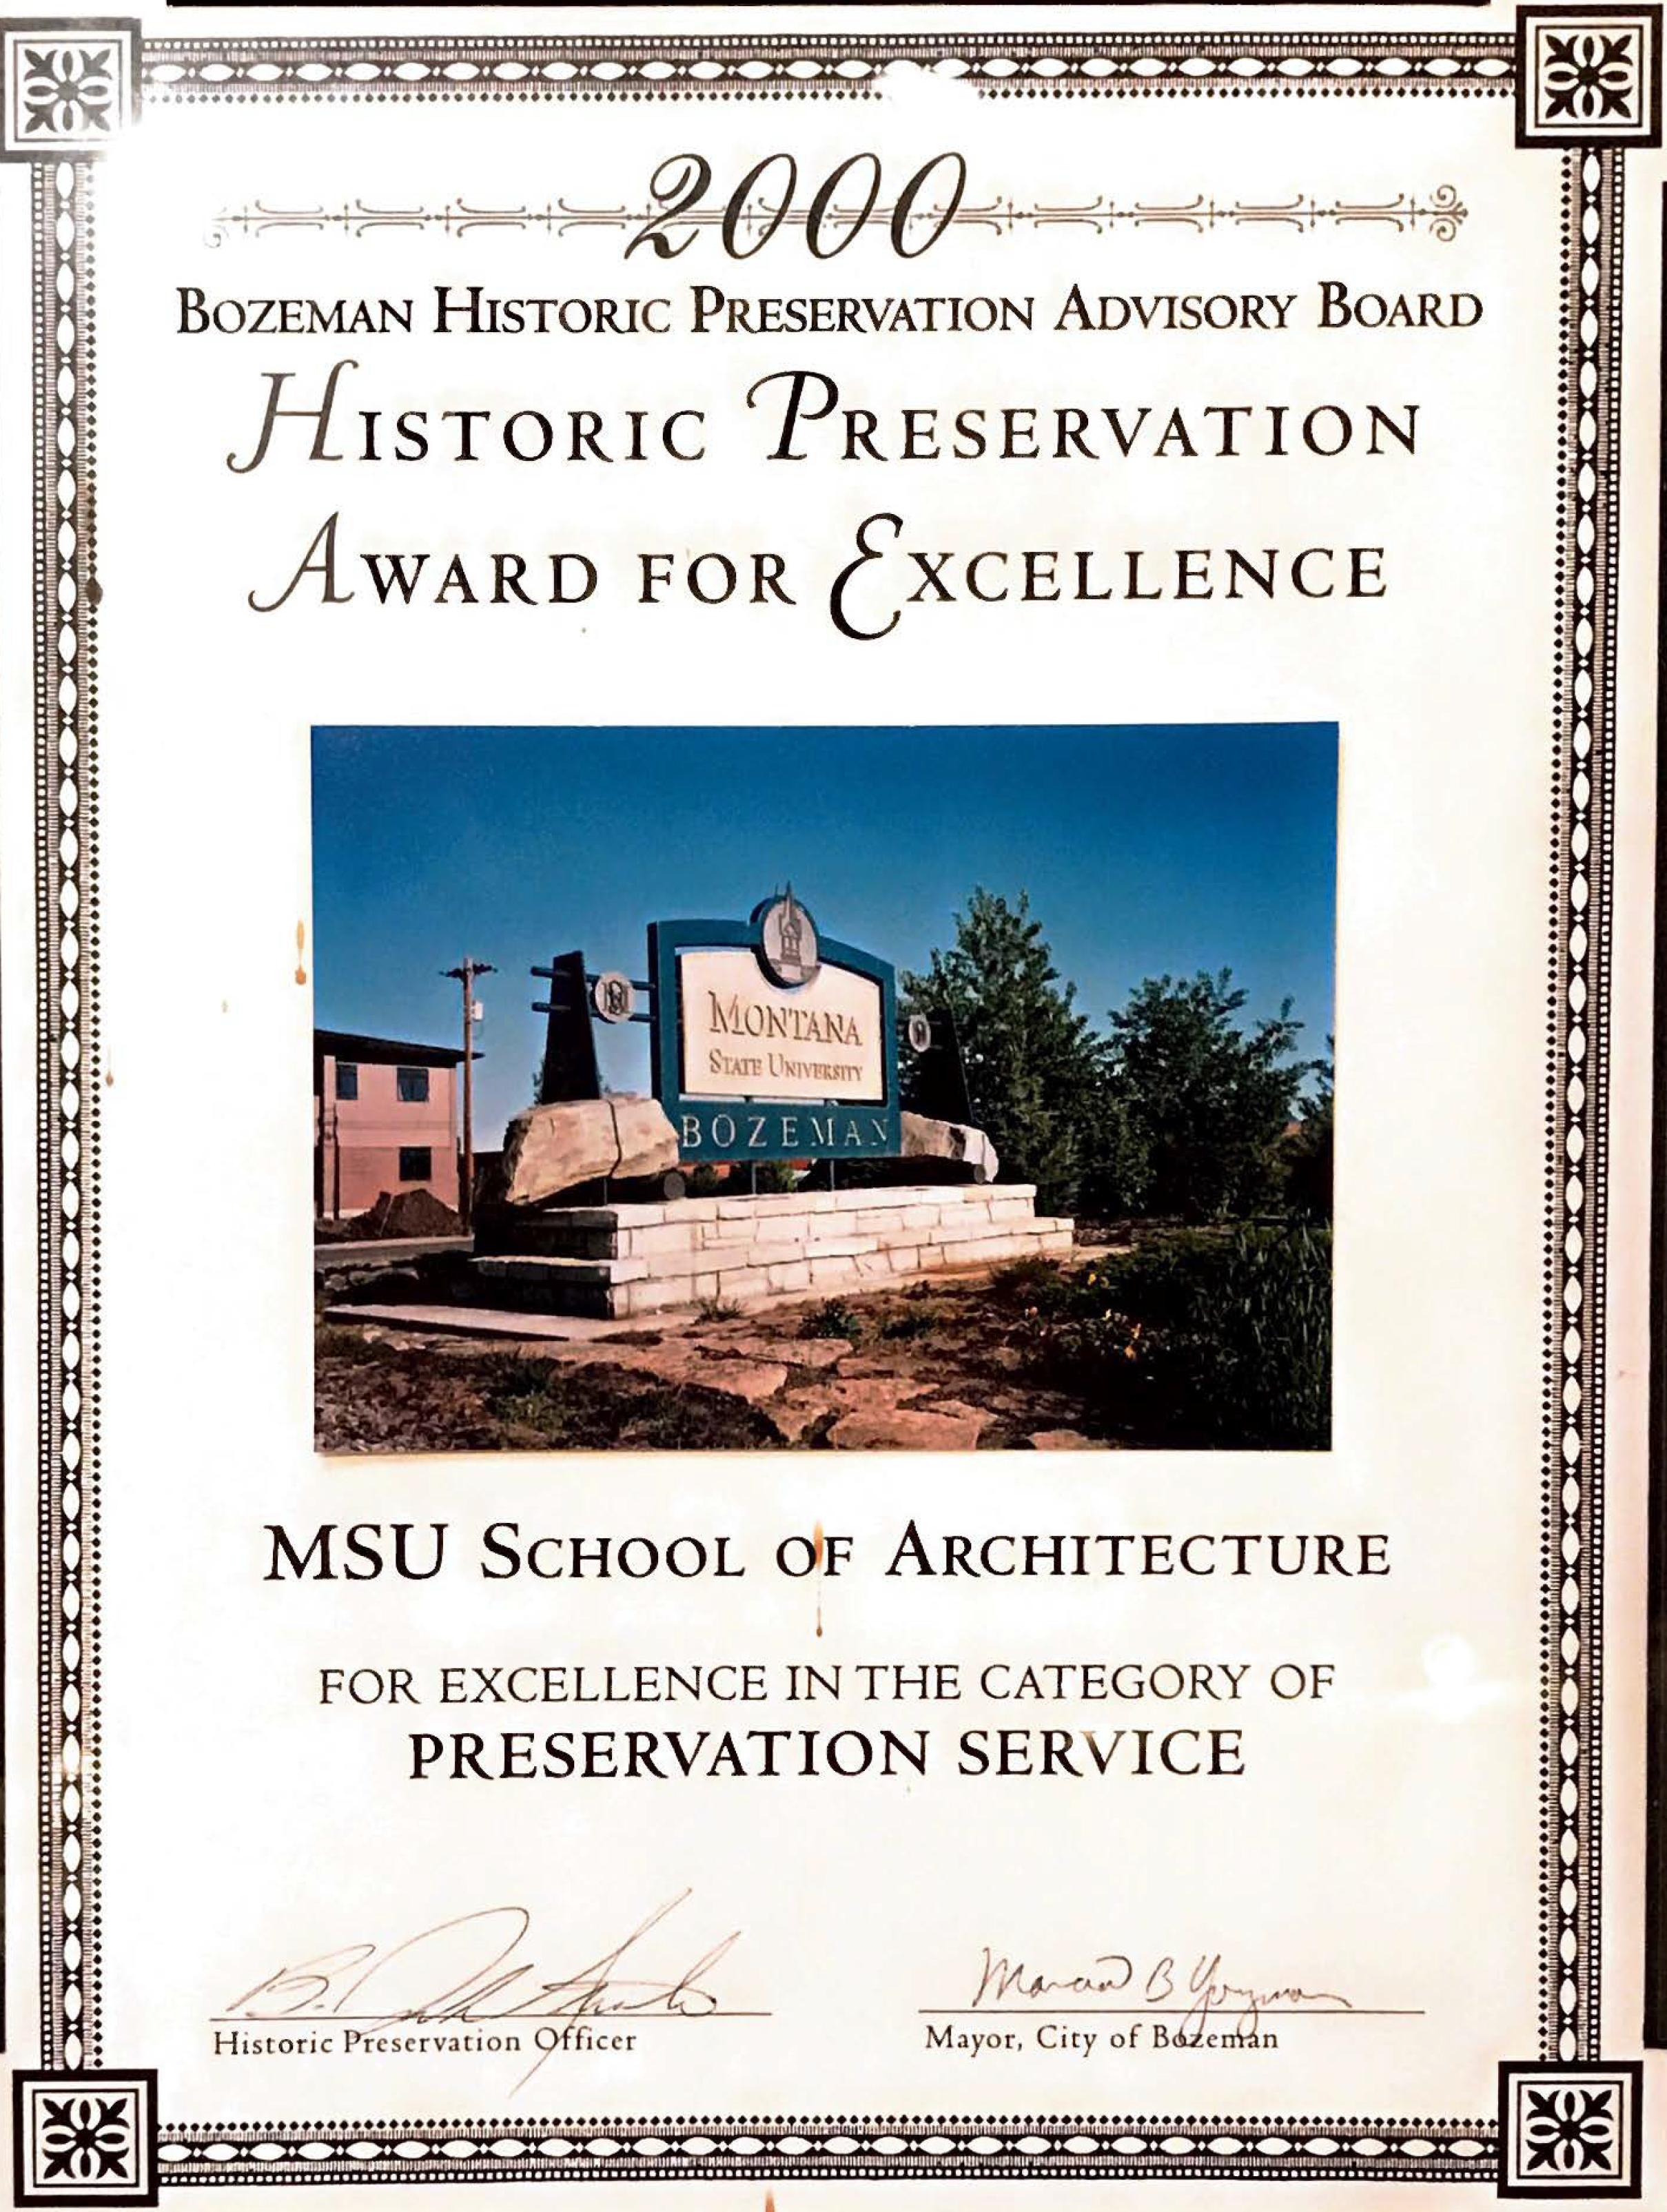 historic_preservation_2000.png